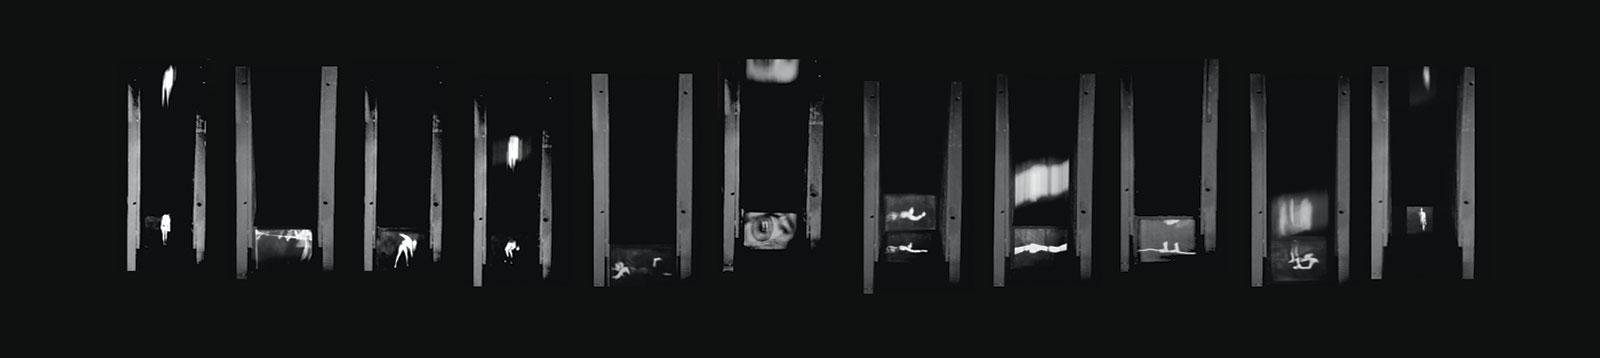 """Golpes alternos. Foto de cortometraje """"Sentimientos alternos"""" bio"""